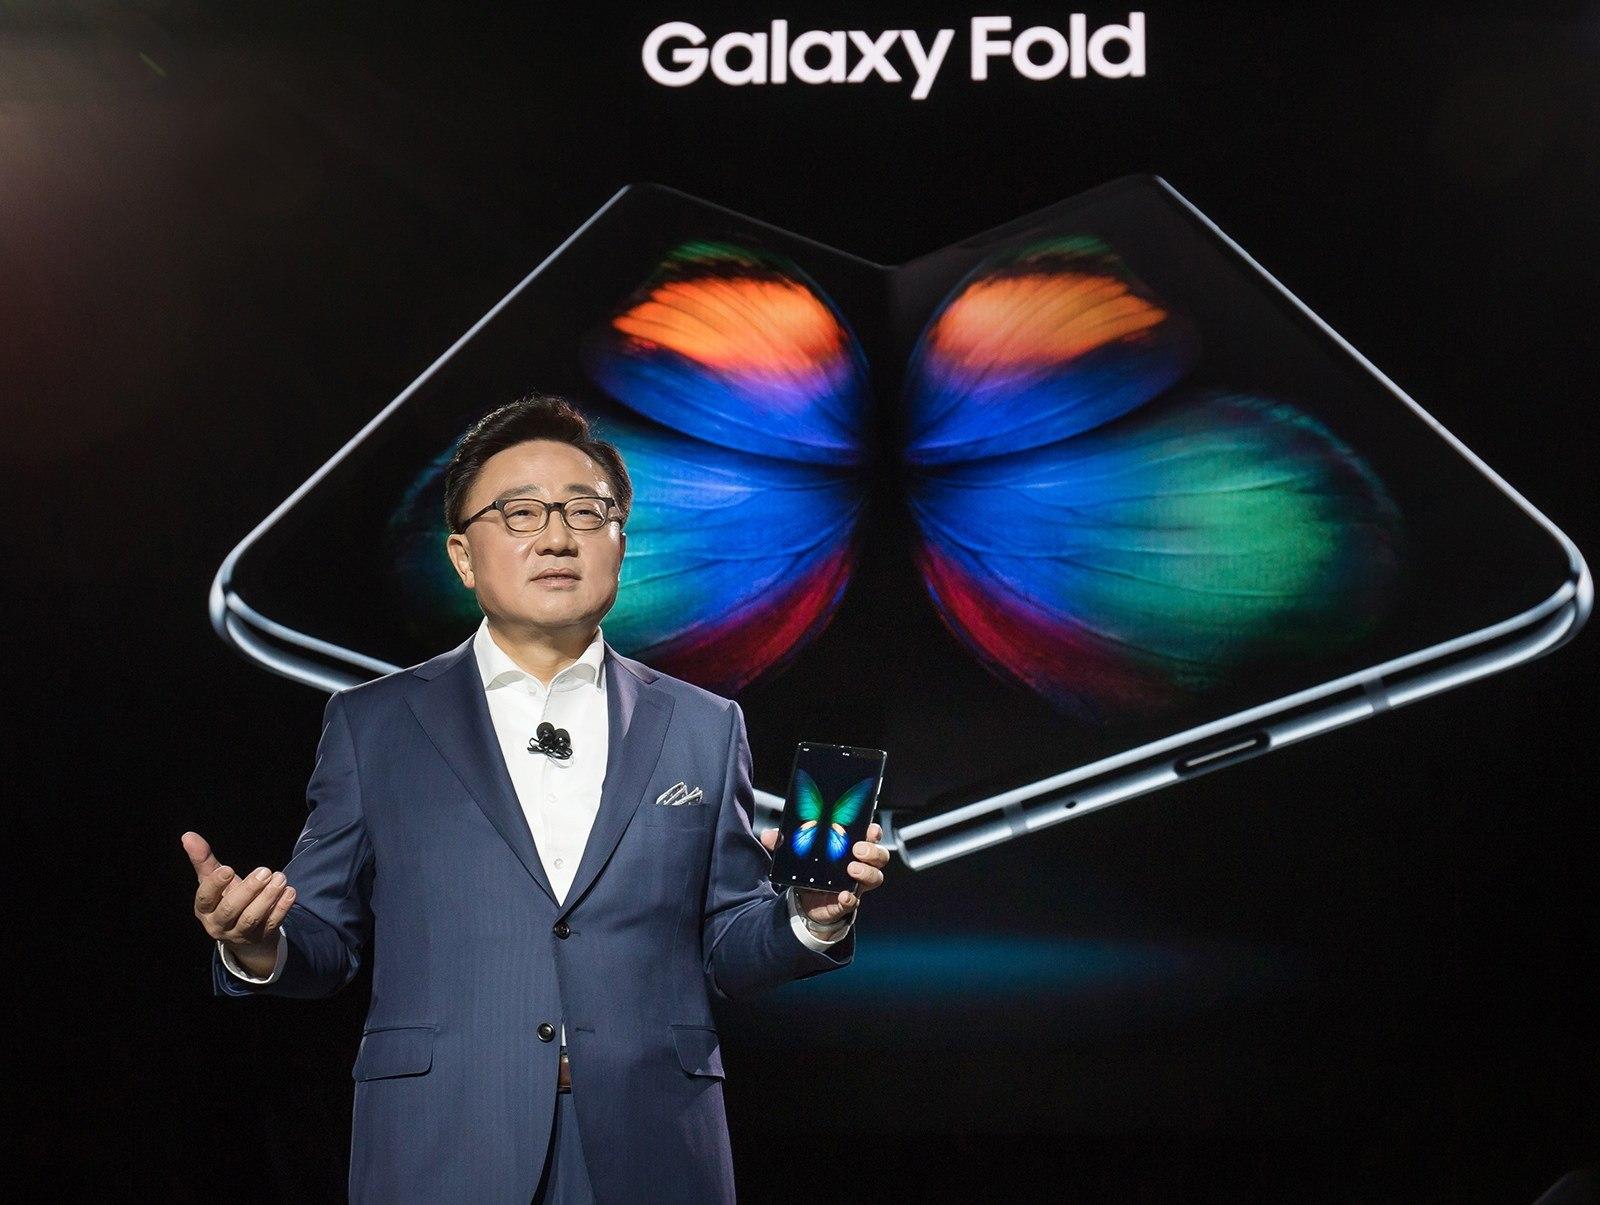 a7ea342fea6e Samsung pospone el lanzamiento del móvil plegable Galaxy Fold tras los  problemas con su pantalla - Libertad Digital